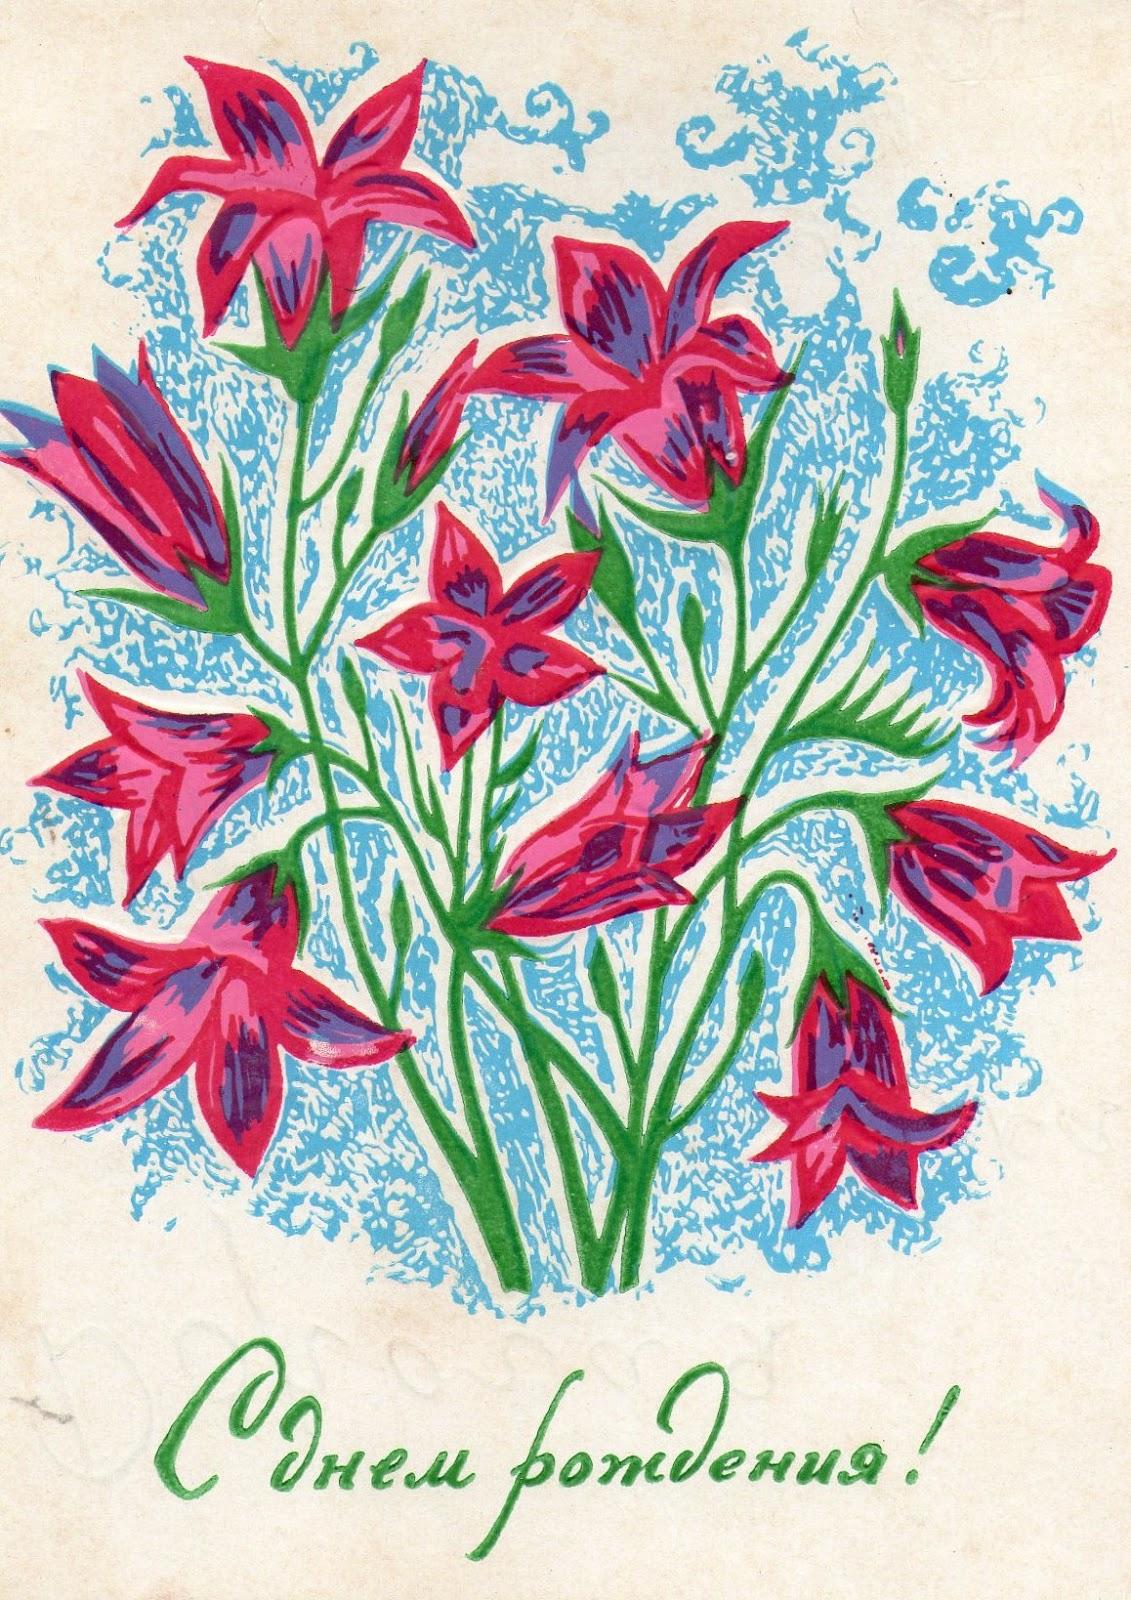 открытки с днем рождения ...: olpictures.ru/s-dnem-rojdeniya-kartinki.html